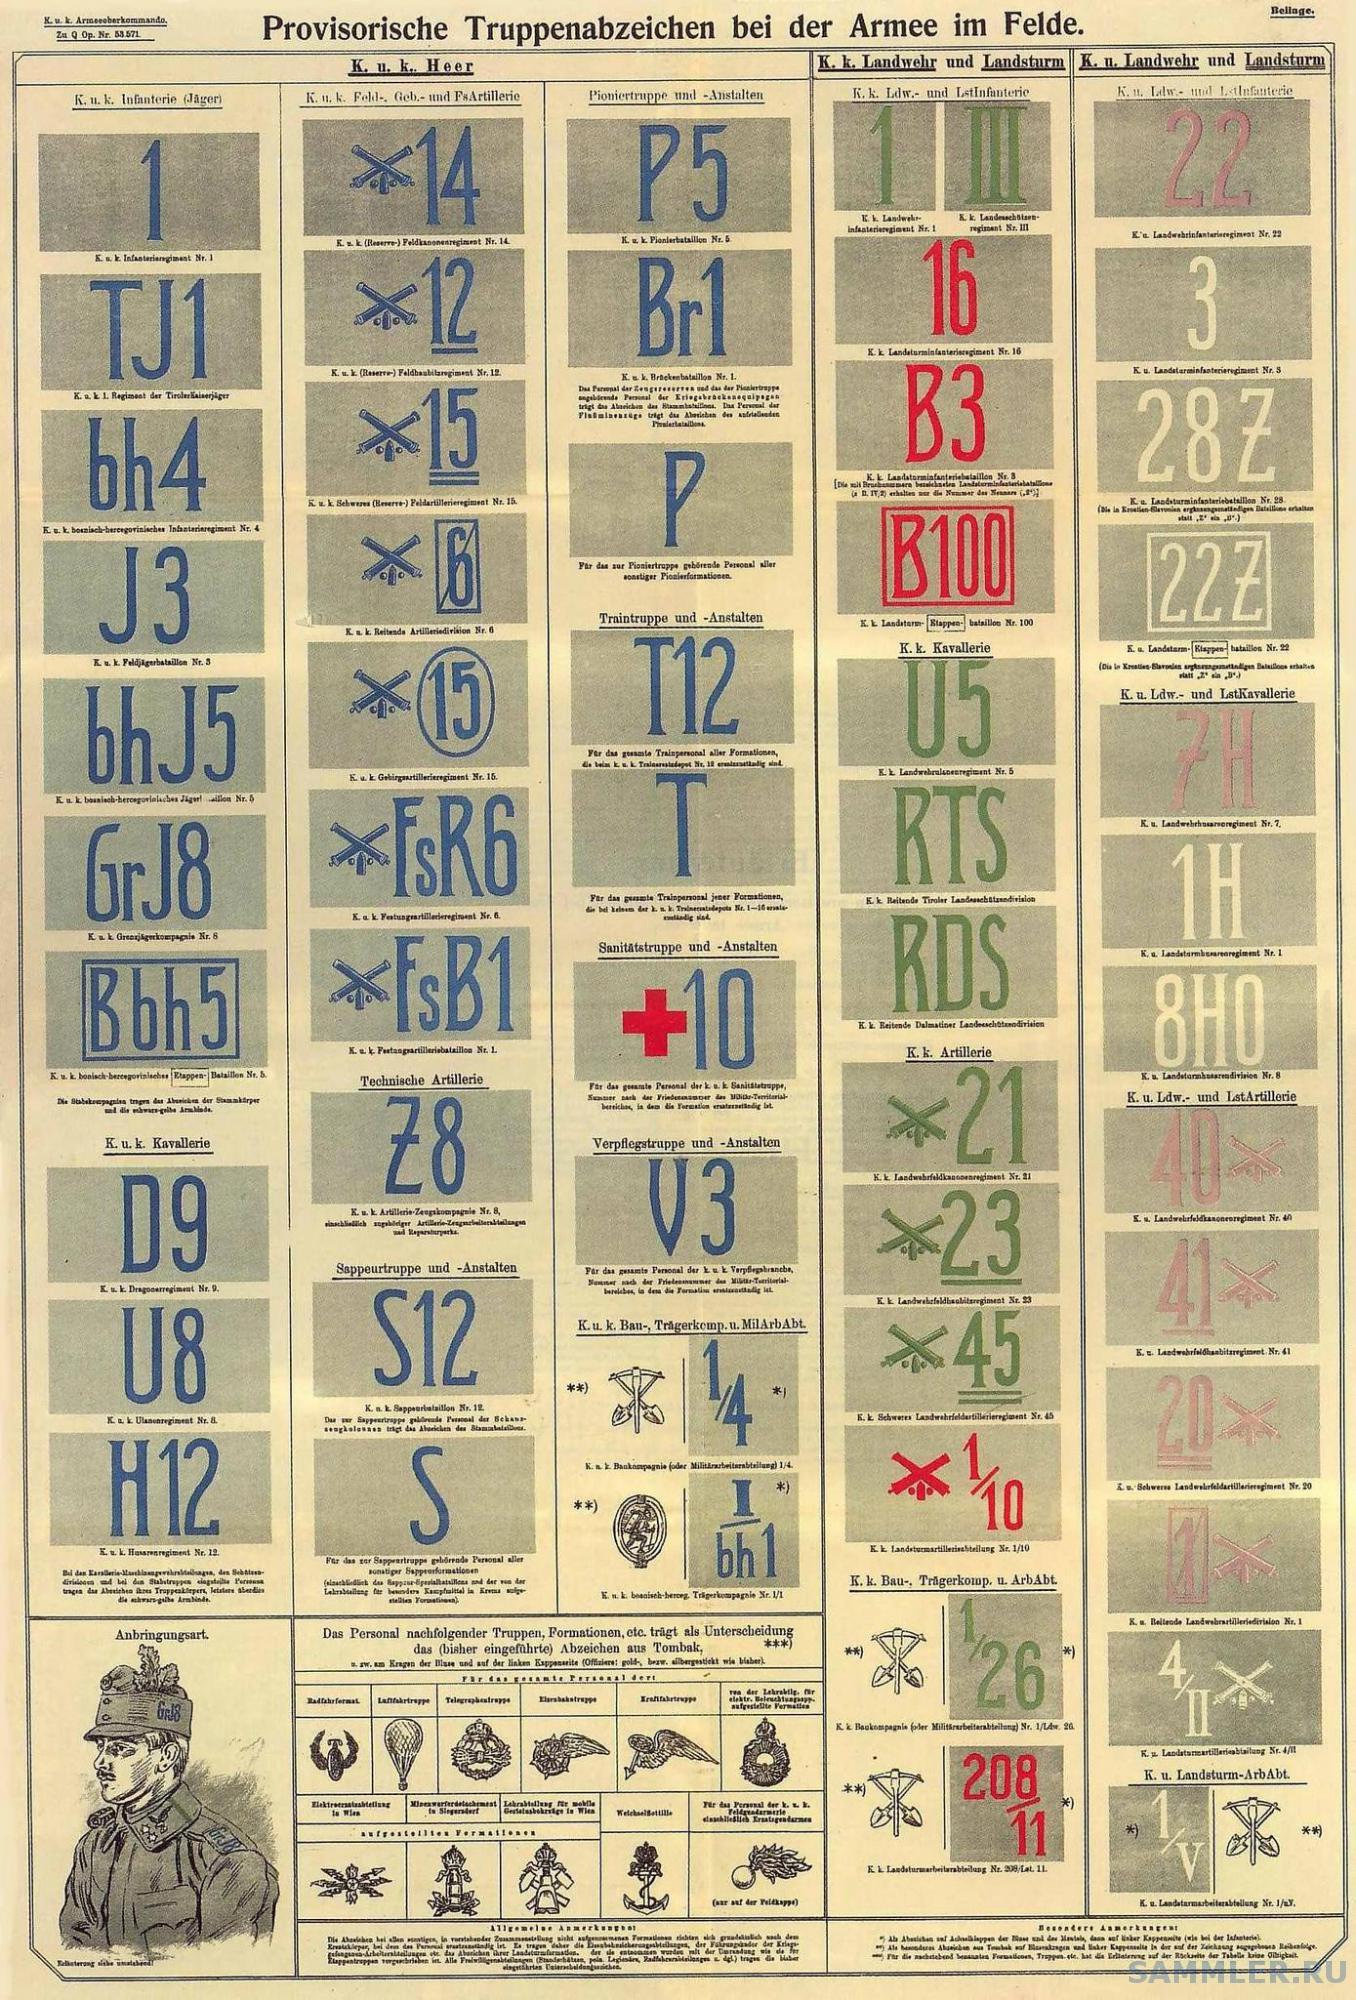 Provisorische Truppenabzeichen bei der Armee im Felde..jpg